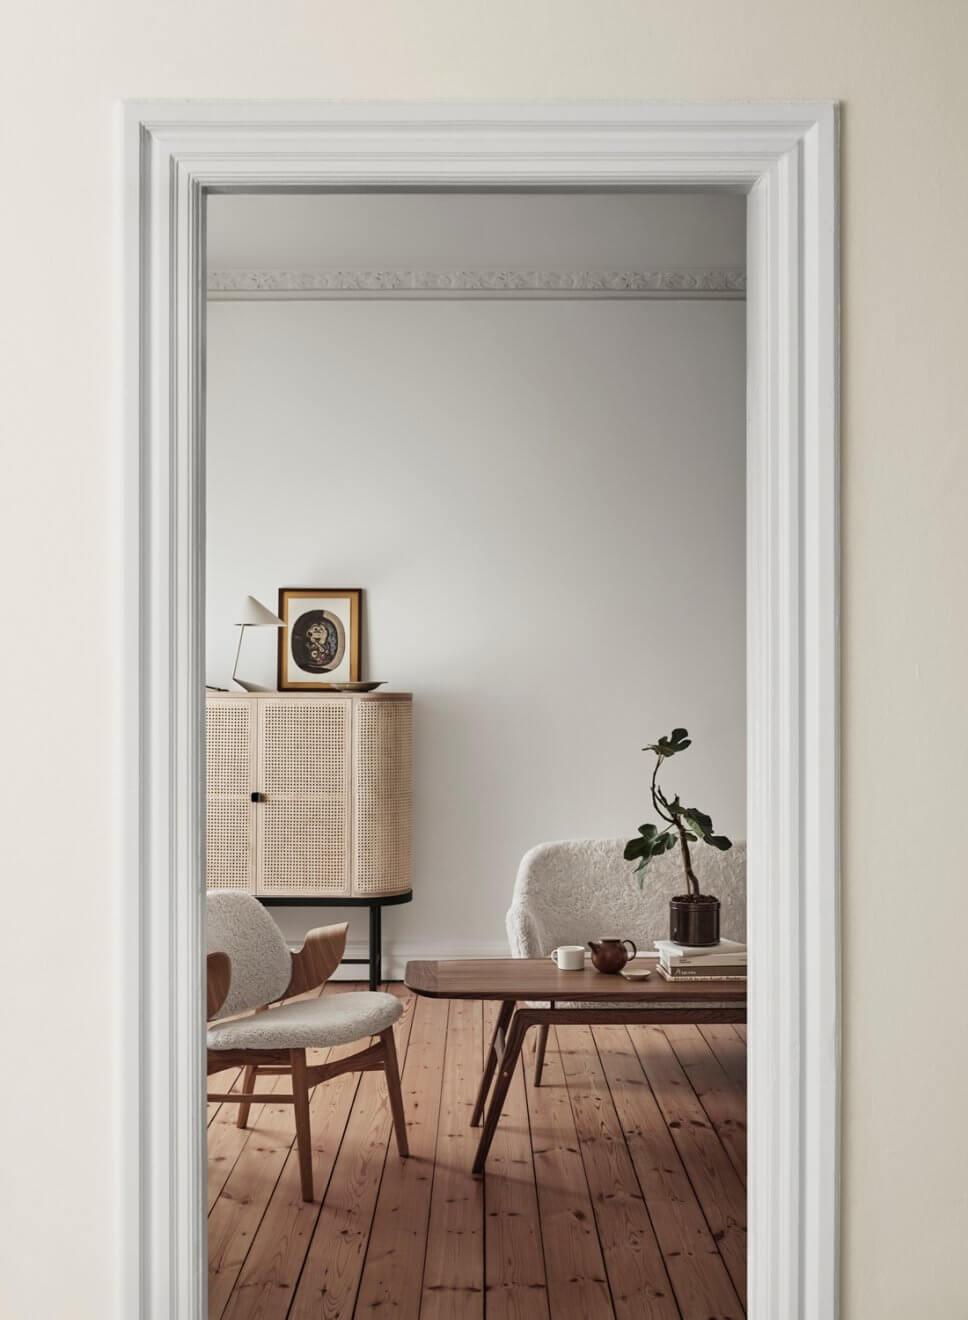 Modernes Wohnzimmer mit Schaffell bezogenen Sofas und Ohrensessel